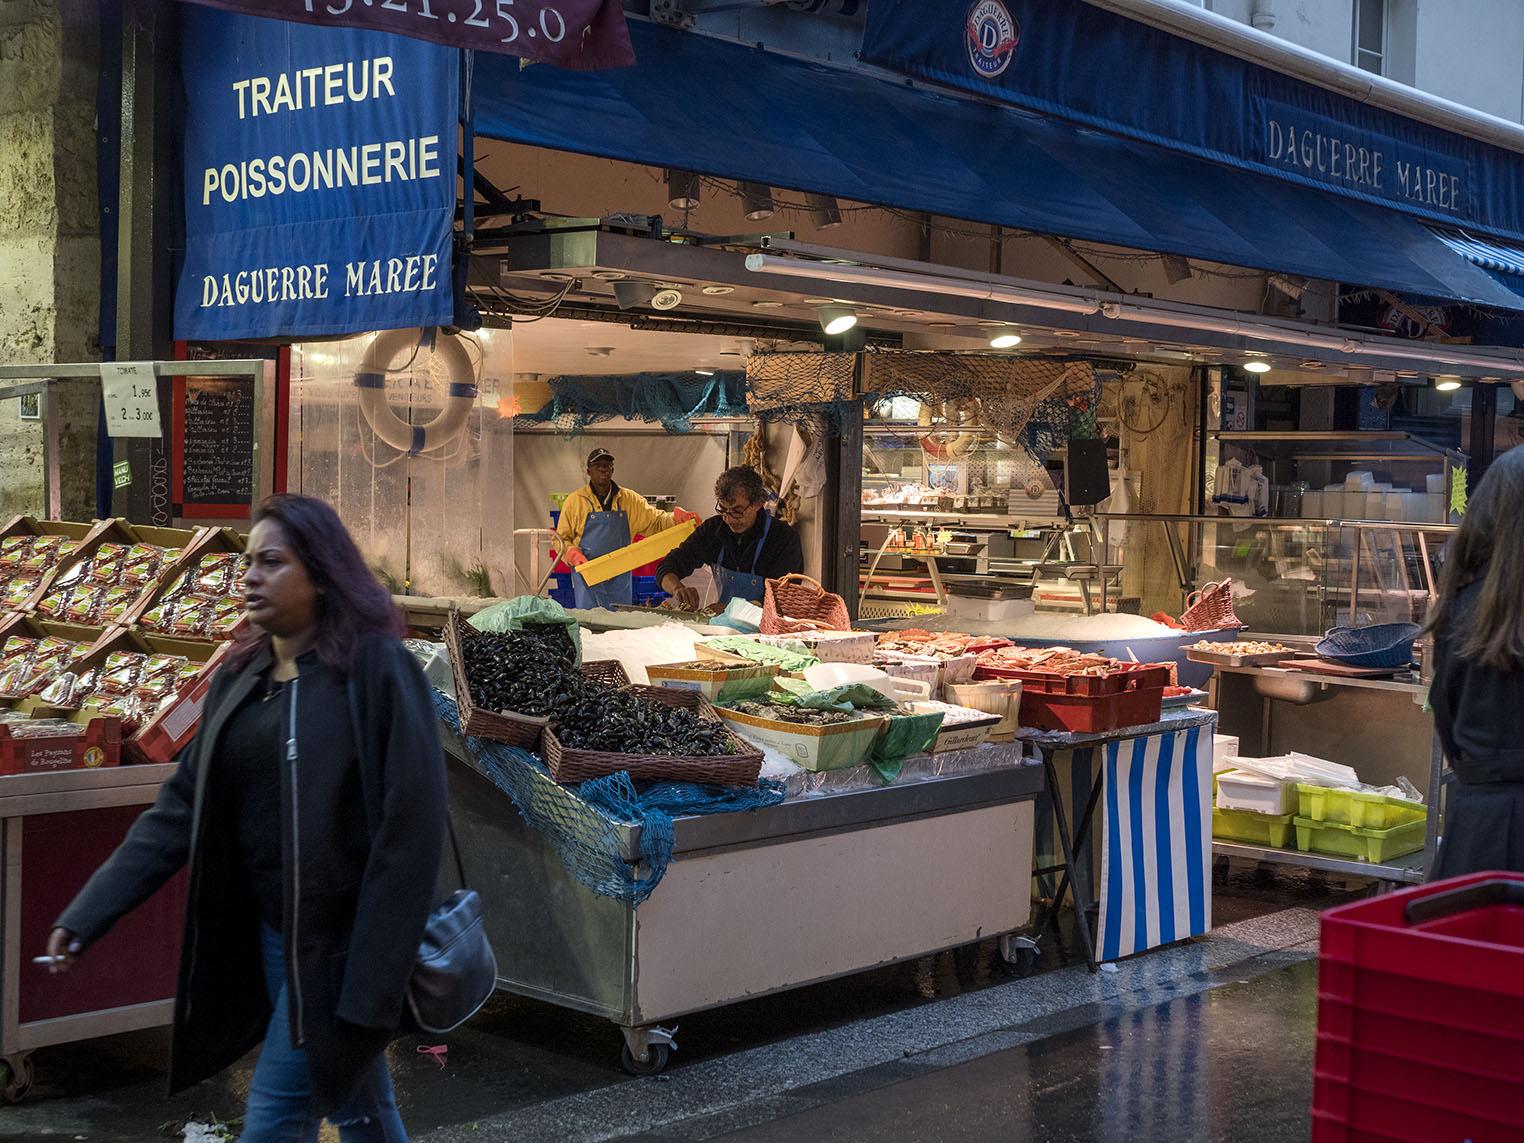 Fiskhandlaren fick sin fisk levererad under natten och dukar nu upp med havets läckerheter på rue Daguerre. Olympus OM-D E-M1 II, Zuiko 50 mm 1,2 1/125 och bländare 3,2, 800 Asa.